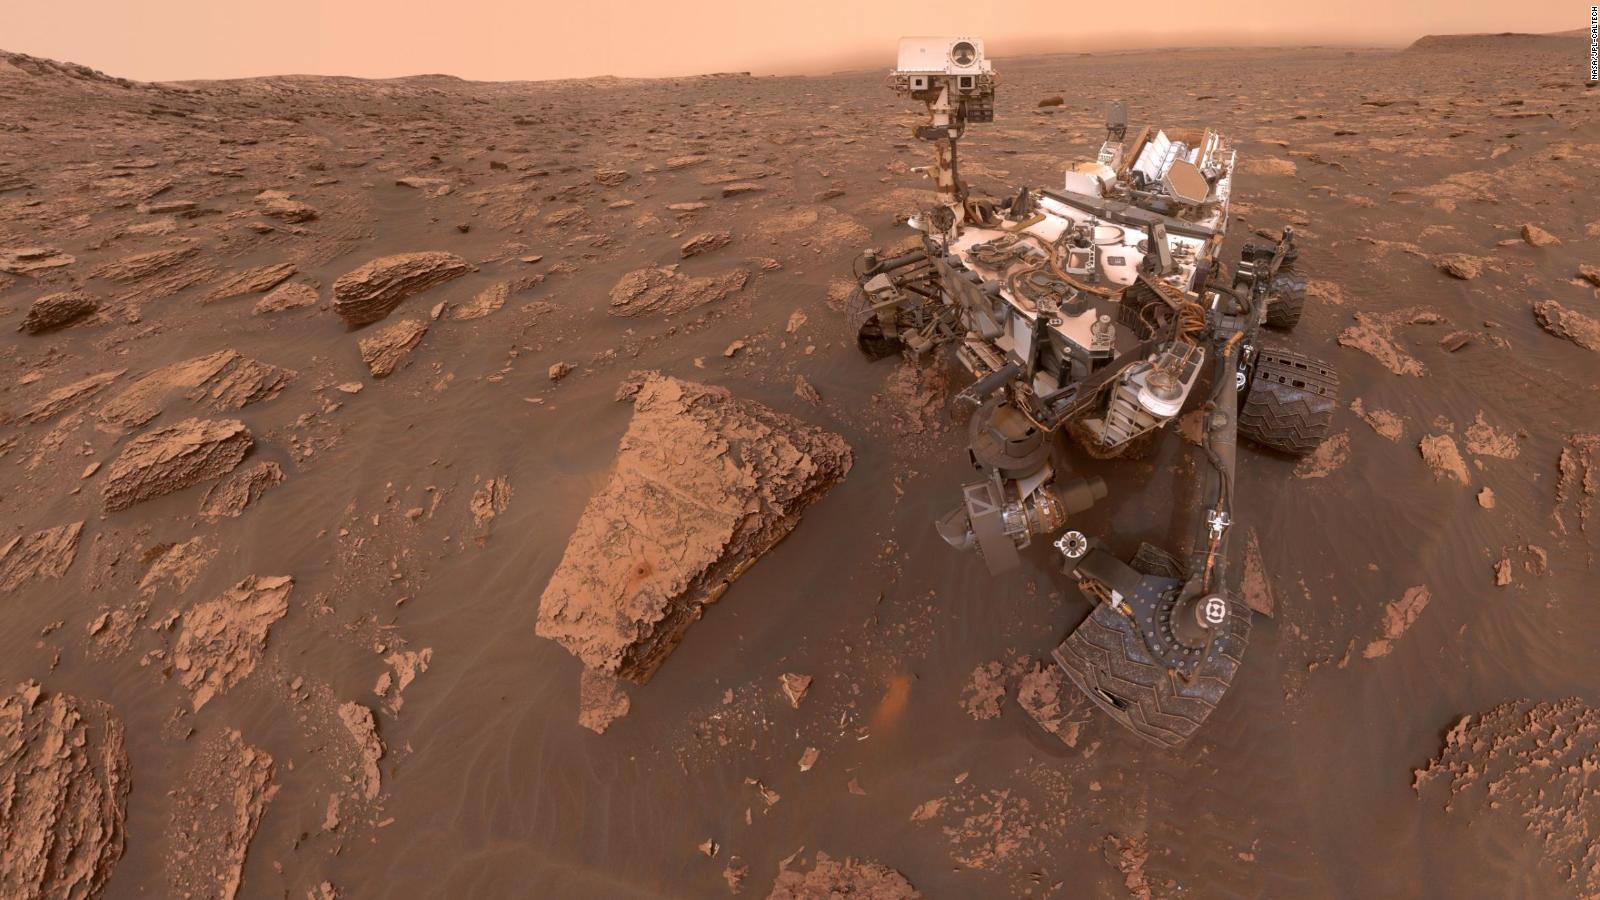 ¿Cómo es la misión de Curiosity en Marte?